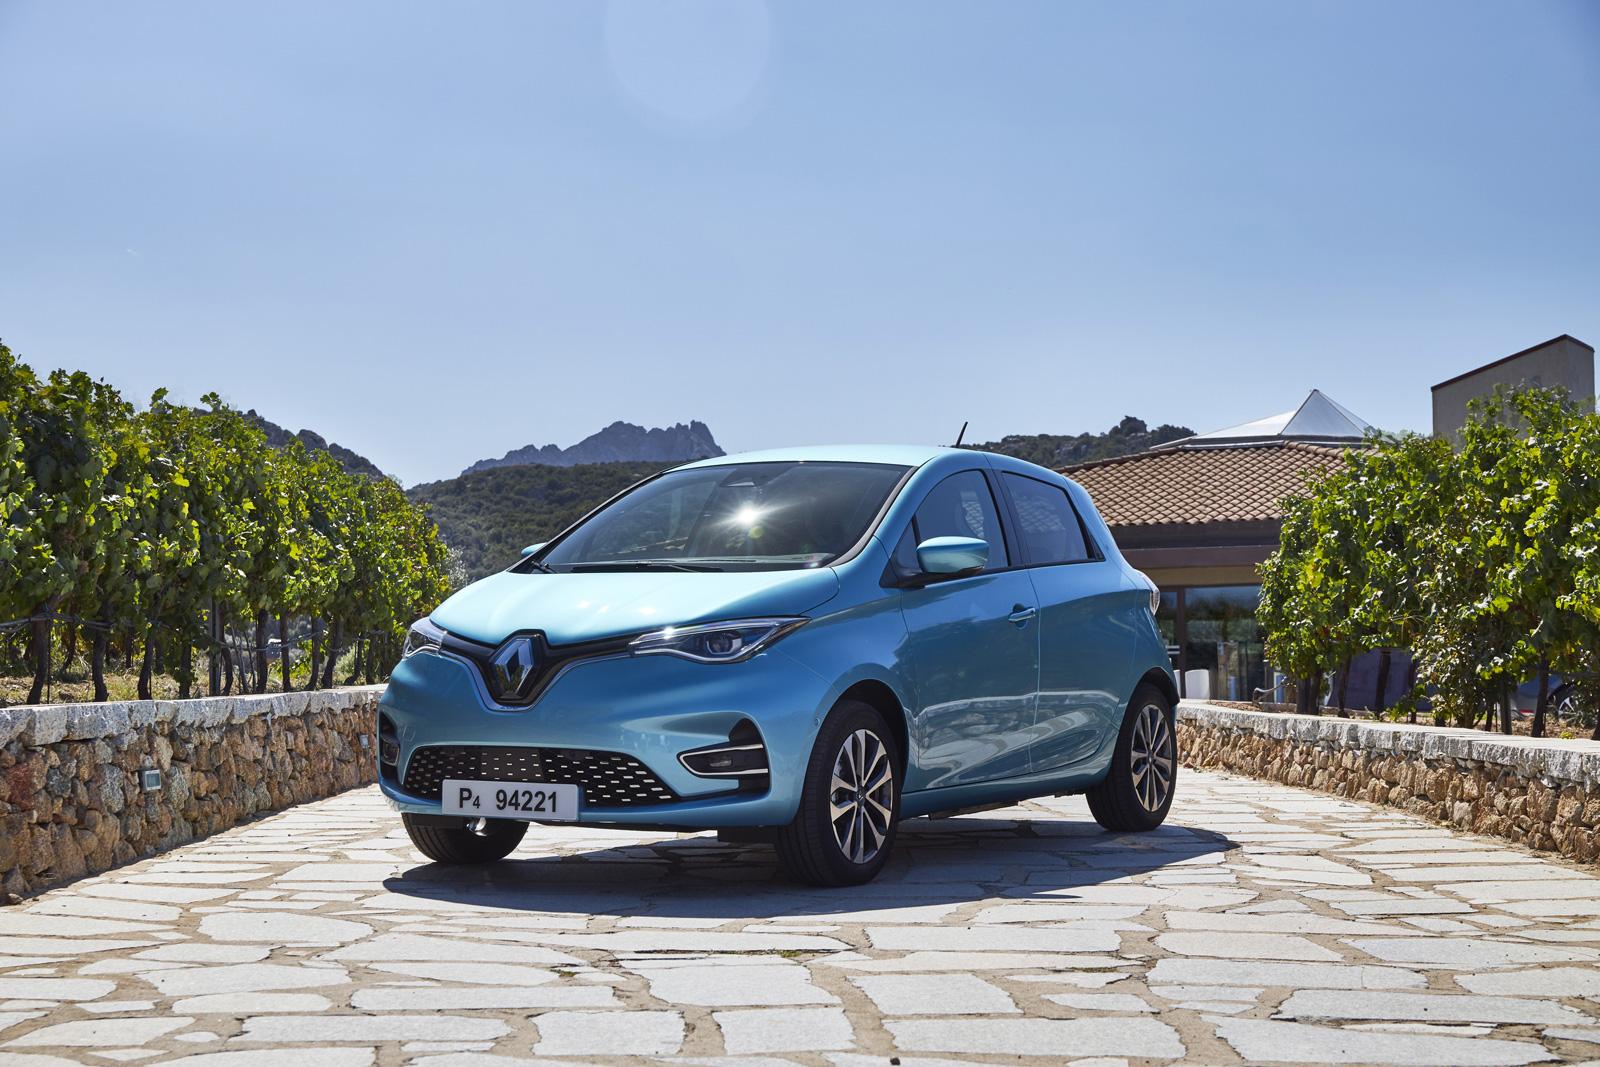 Renault Zoe 52 kWh